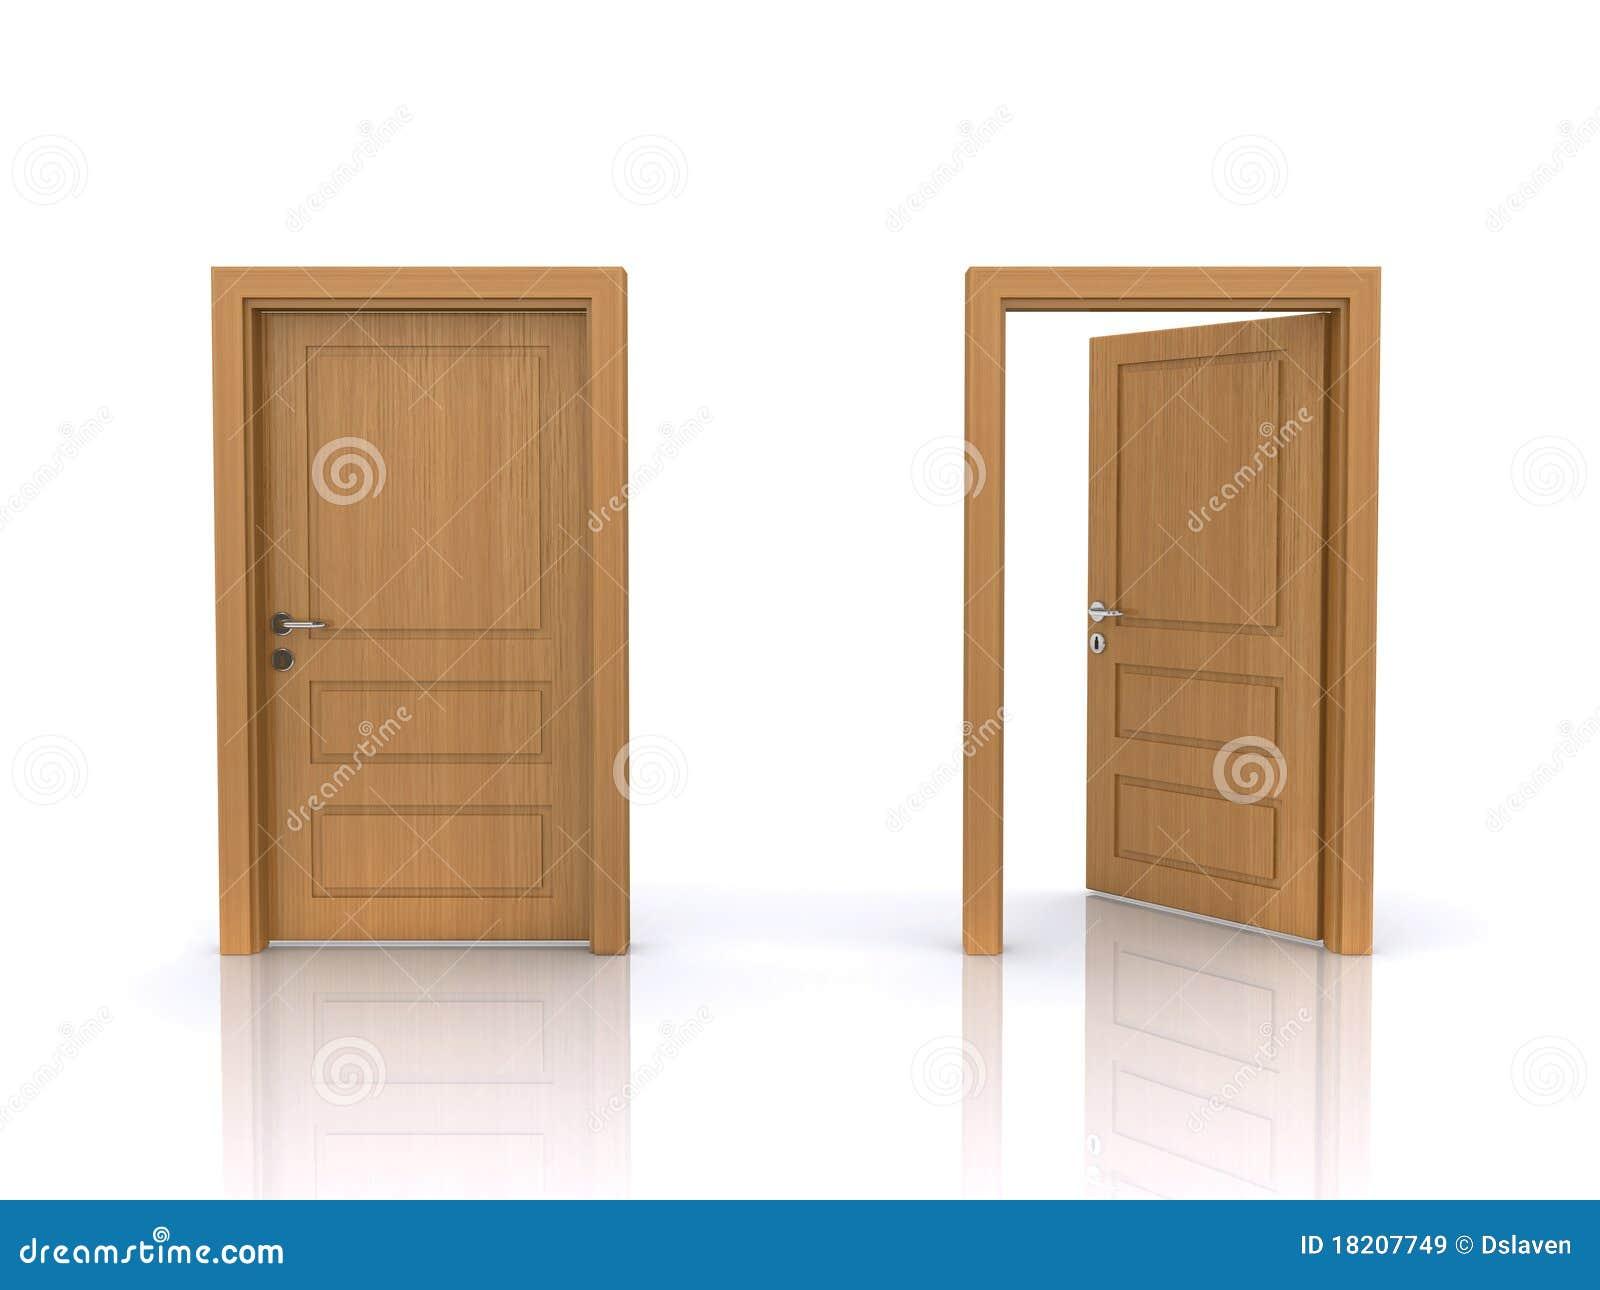 Closed Door Drawing closed door drawing | scottishpolice